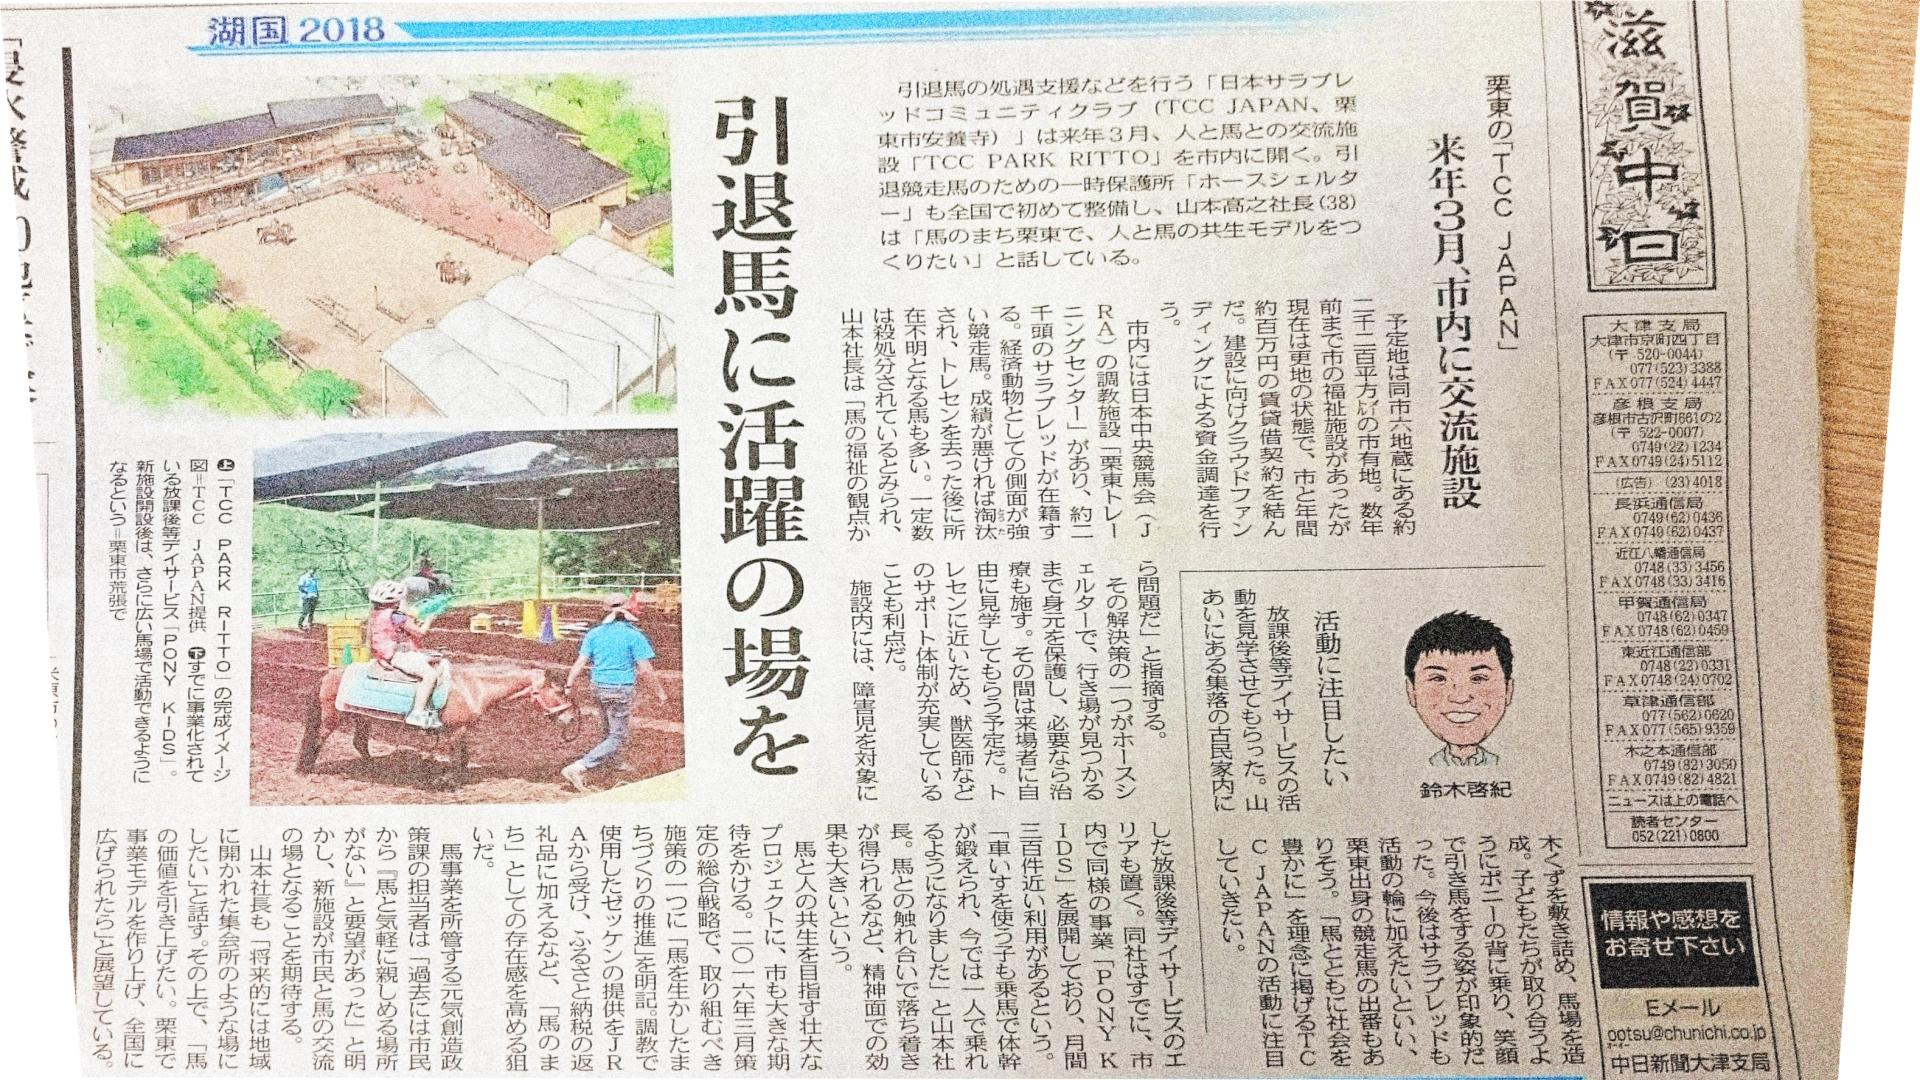 【本日掲載】中日新聞(滋賀版)「引退馬に活躍の場を」~TCC PARK RITTO